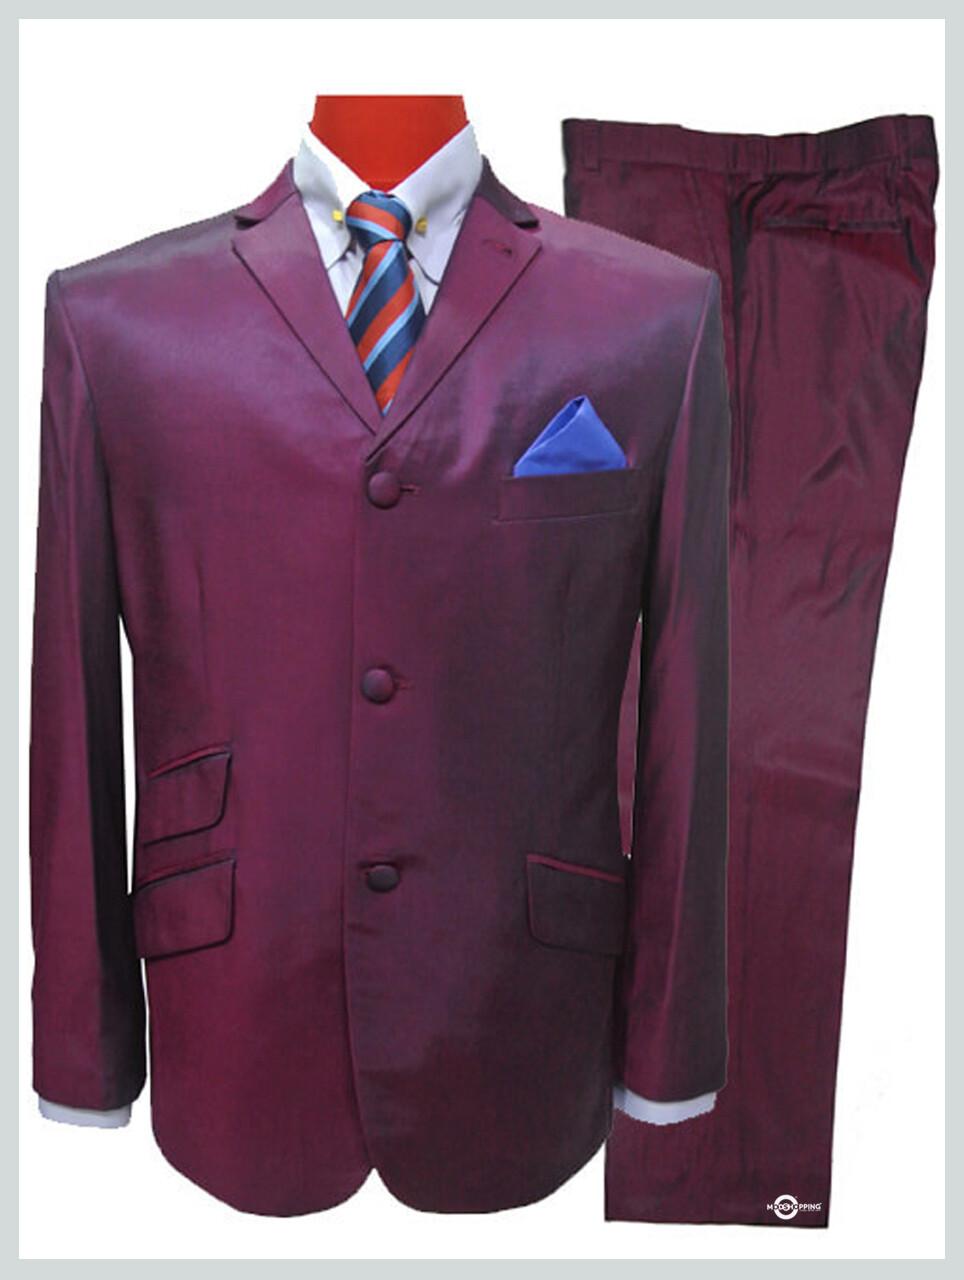 tonic suit burgundy wine mod fashion tonic suit for men,3 button tailored